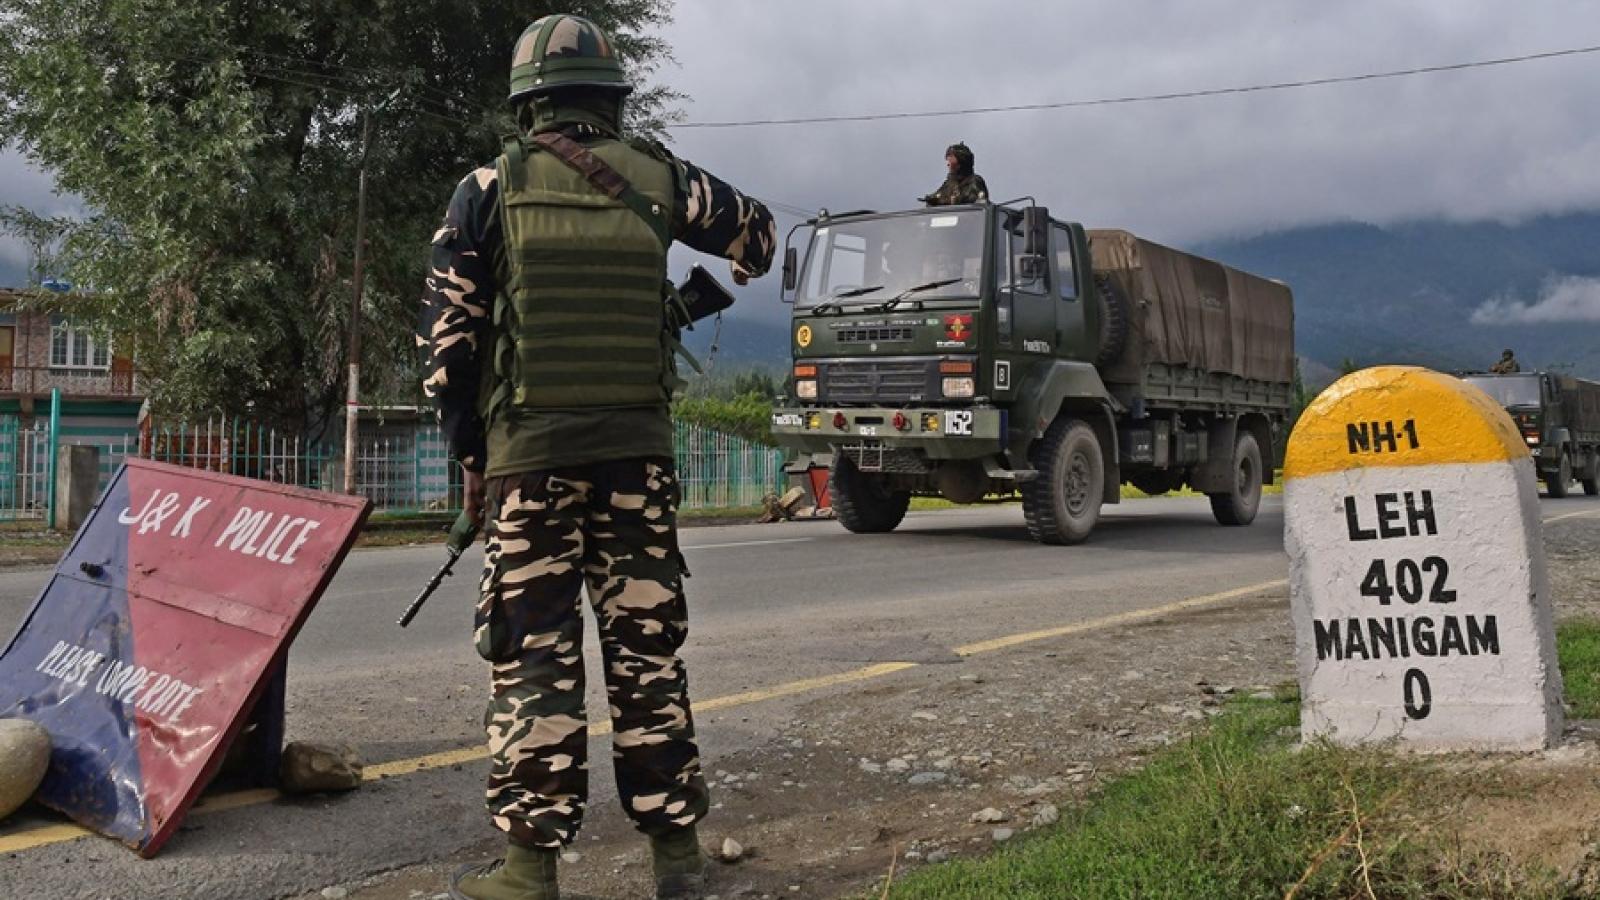 Chỉ huy quân đội Ấn Độ và Trung Quốc đàm phán giải quyết căng thẳng biên giới